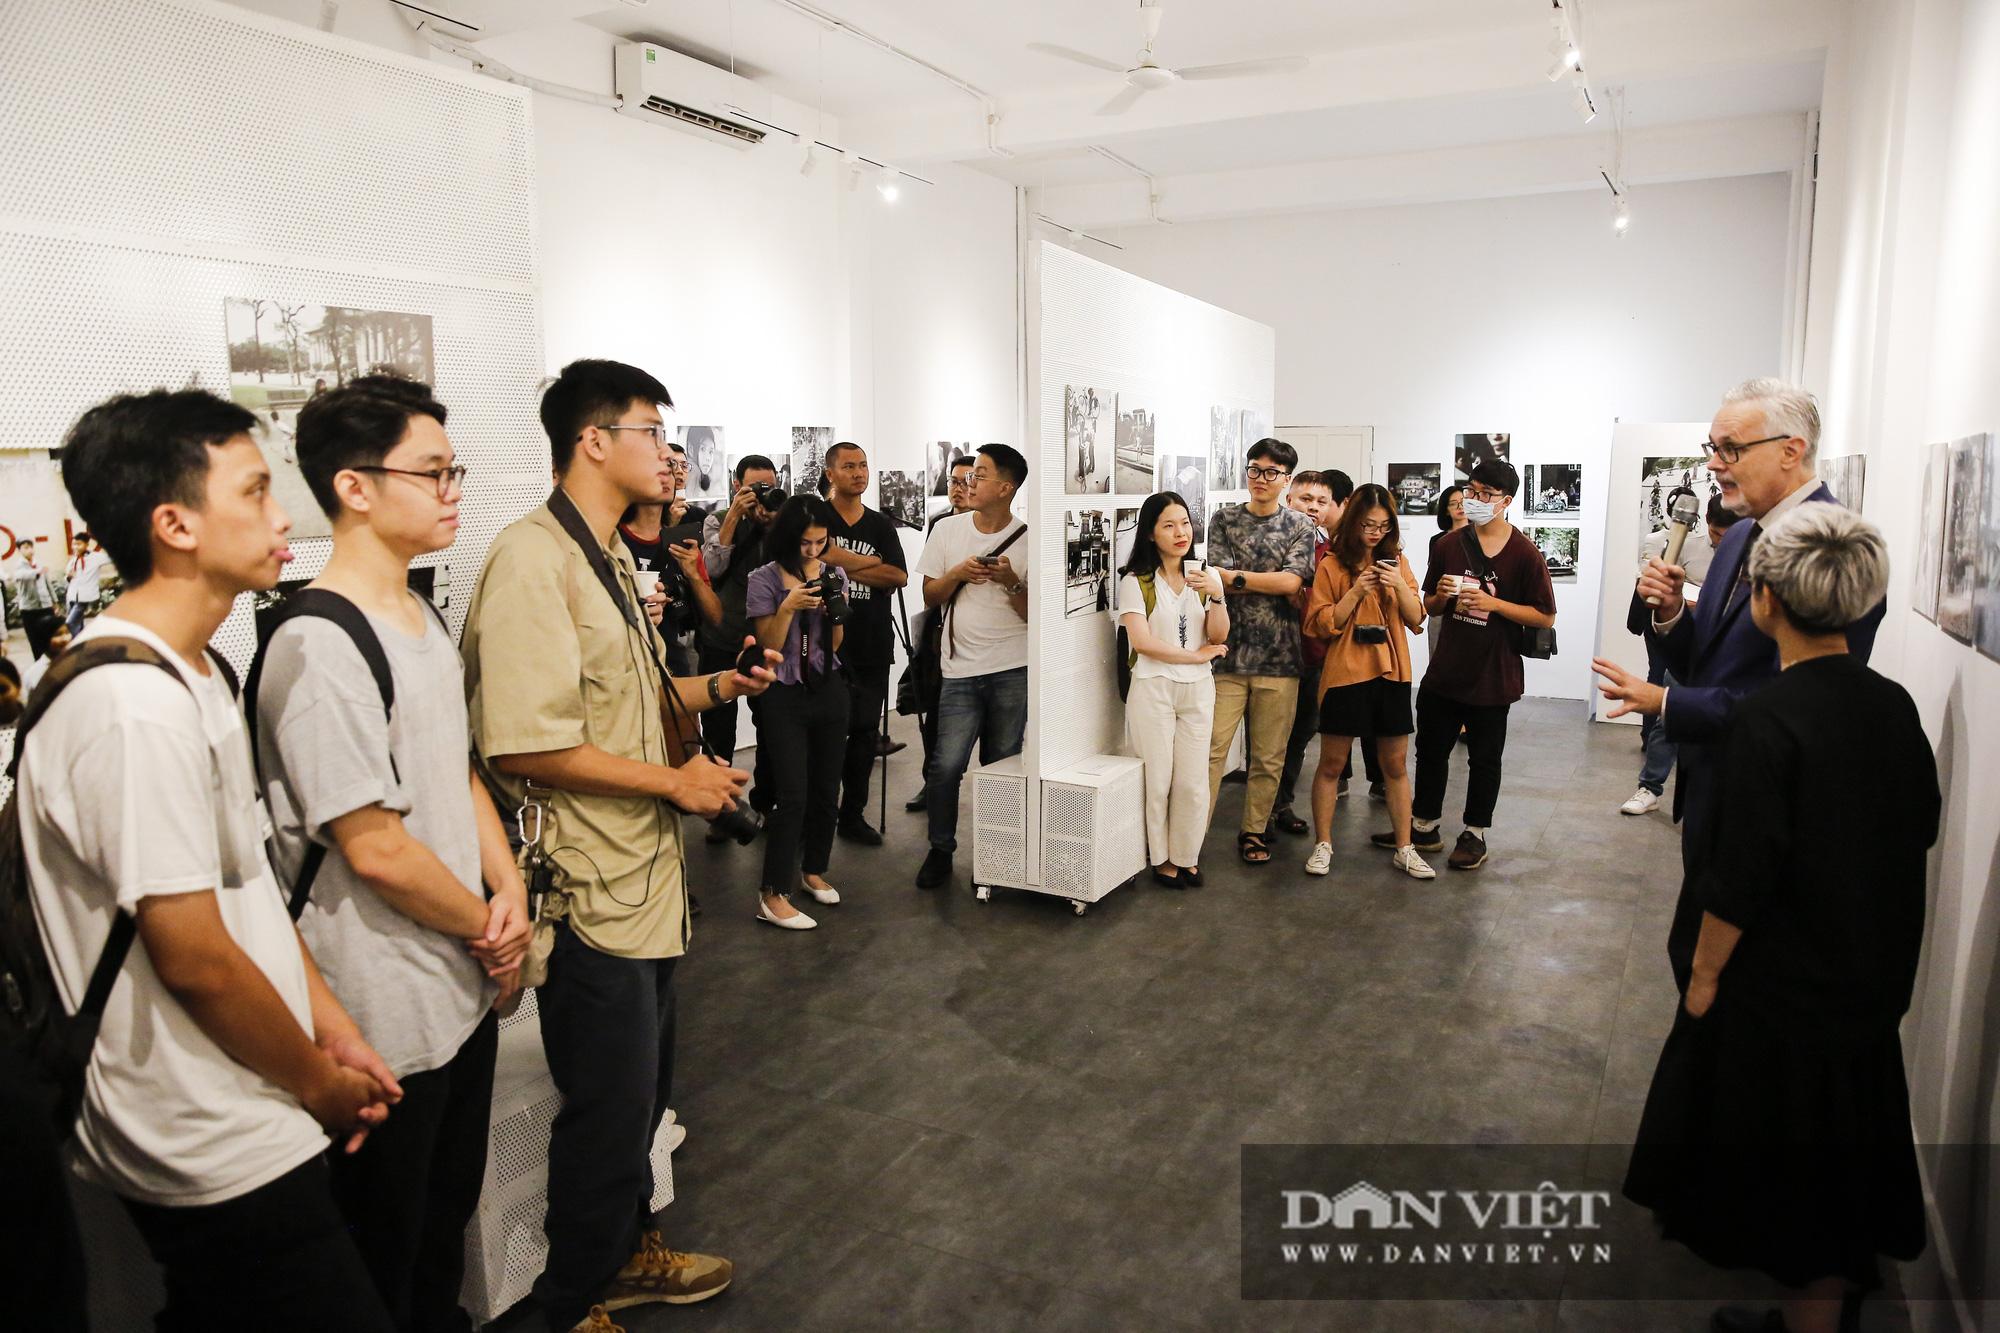 Đại sứ Đức tại Việt Nam tham dự triển lãm ảnh đặc biệt về Hà Nội - Ảnh 1.